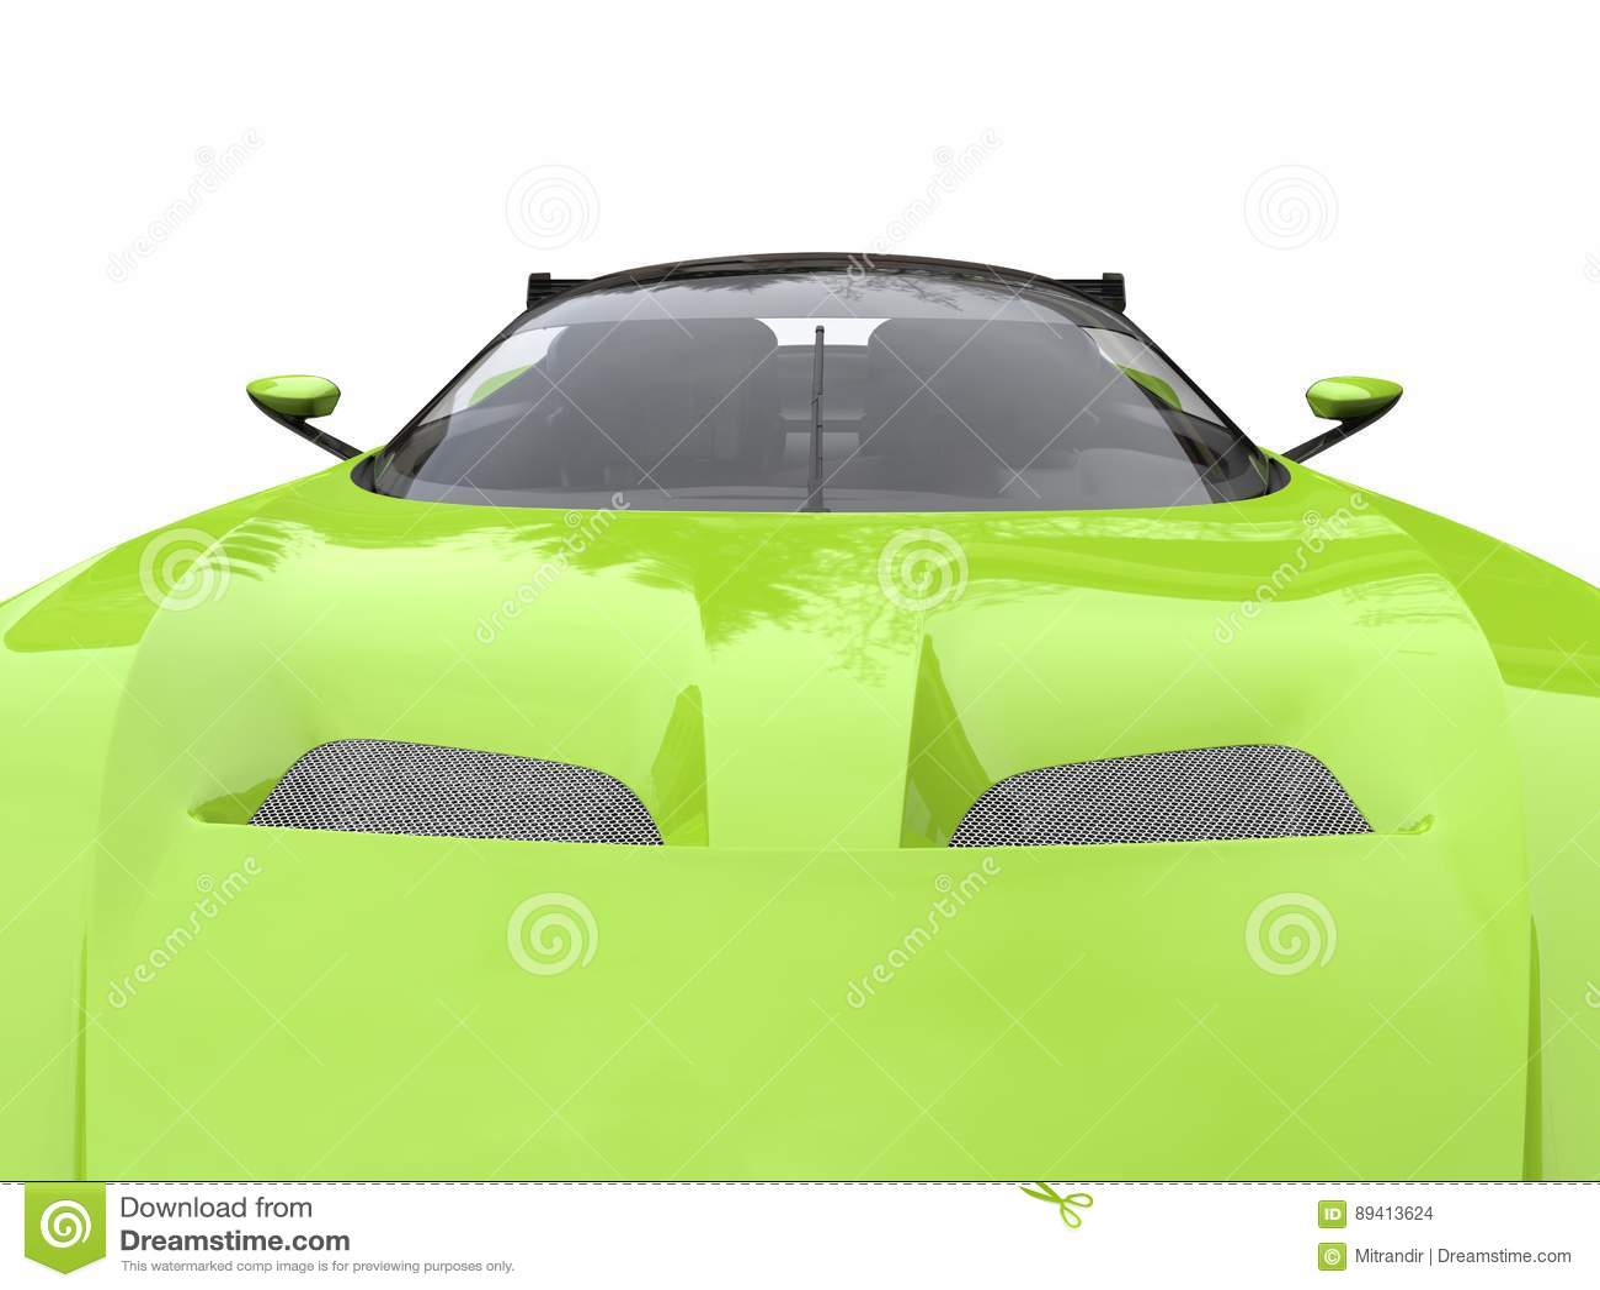 Tiro automobilístico super moderno do close up da capa do verde-lima